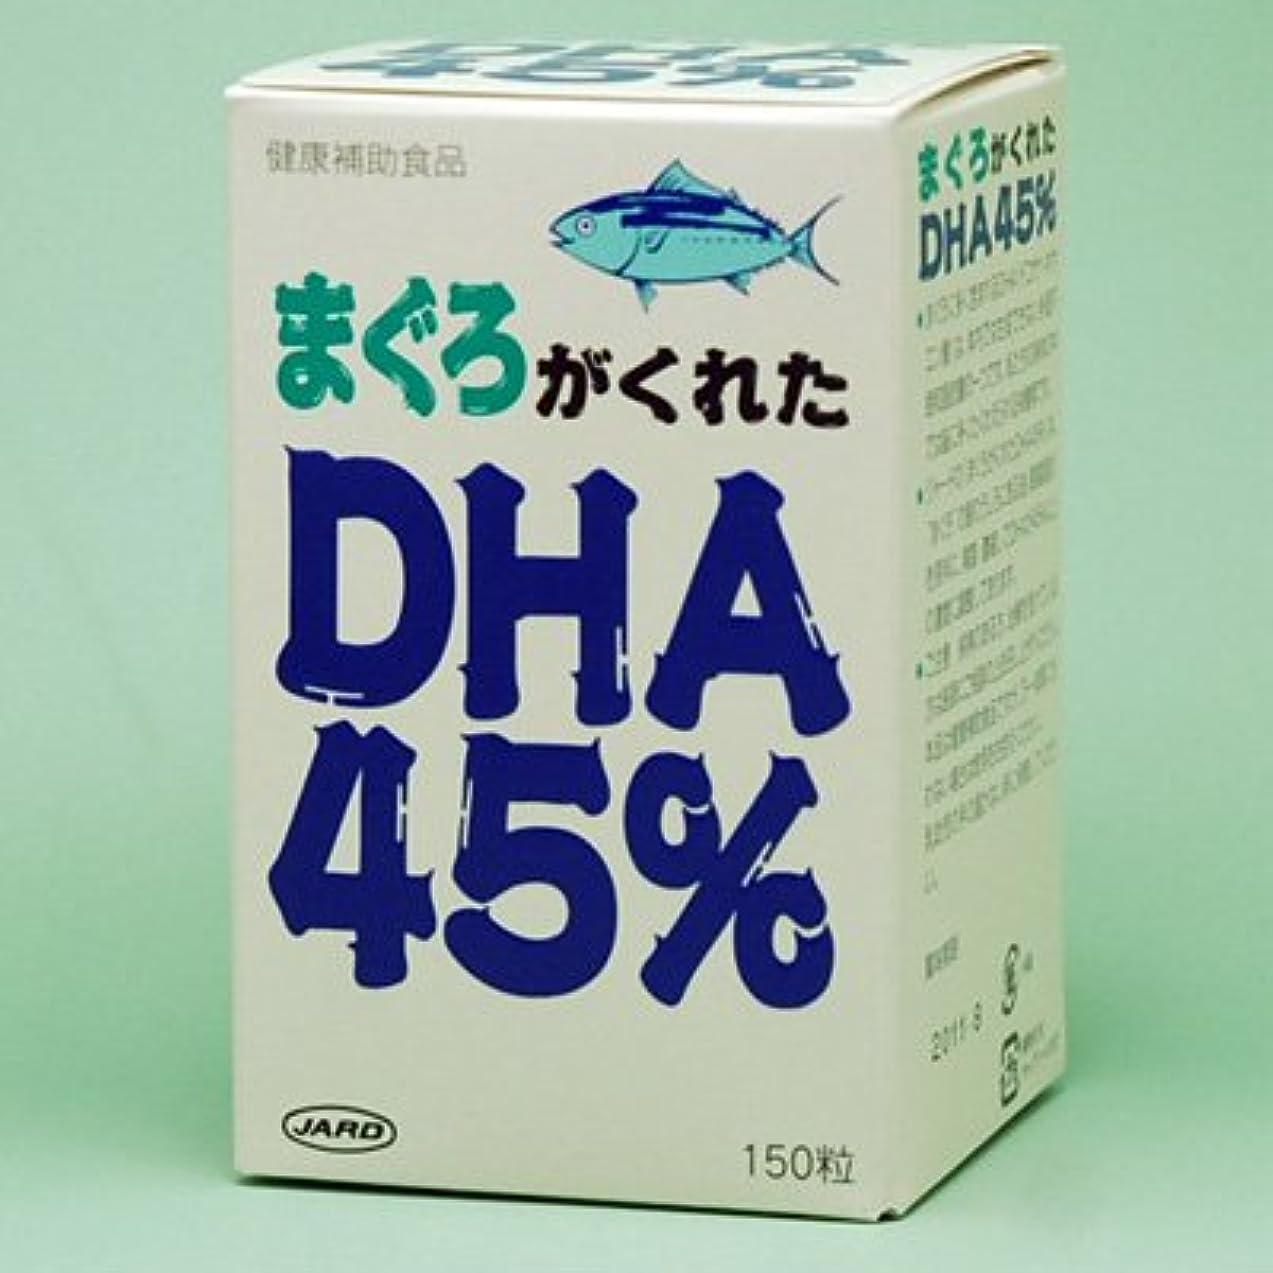 サンプル活性化する泣き叫ぶまぐろがくれたDHA45%【3本セット】ジャード